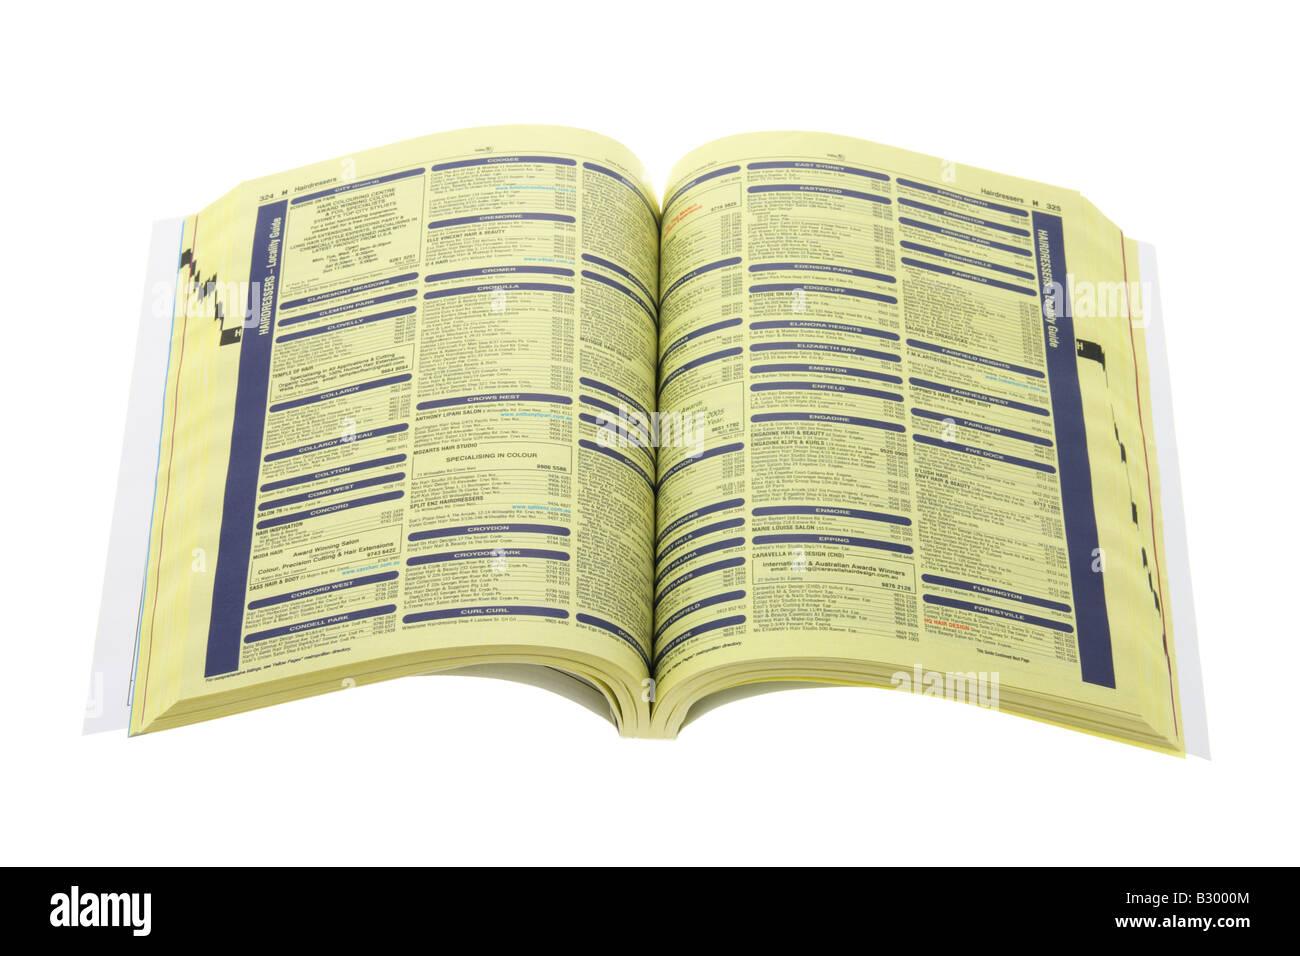 Phone Book Stock Photos & Phone Book Stock Images - Alamy